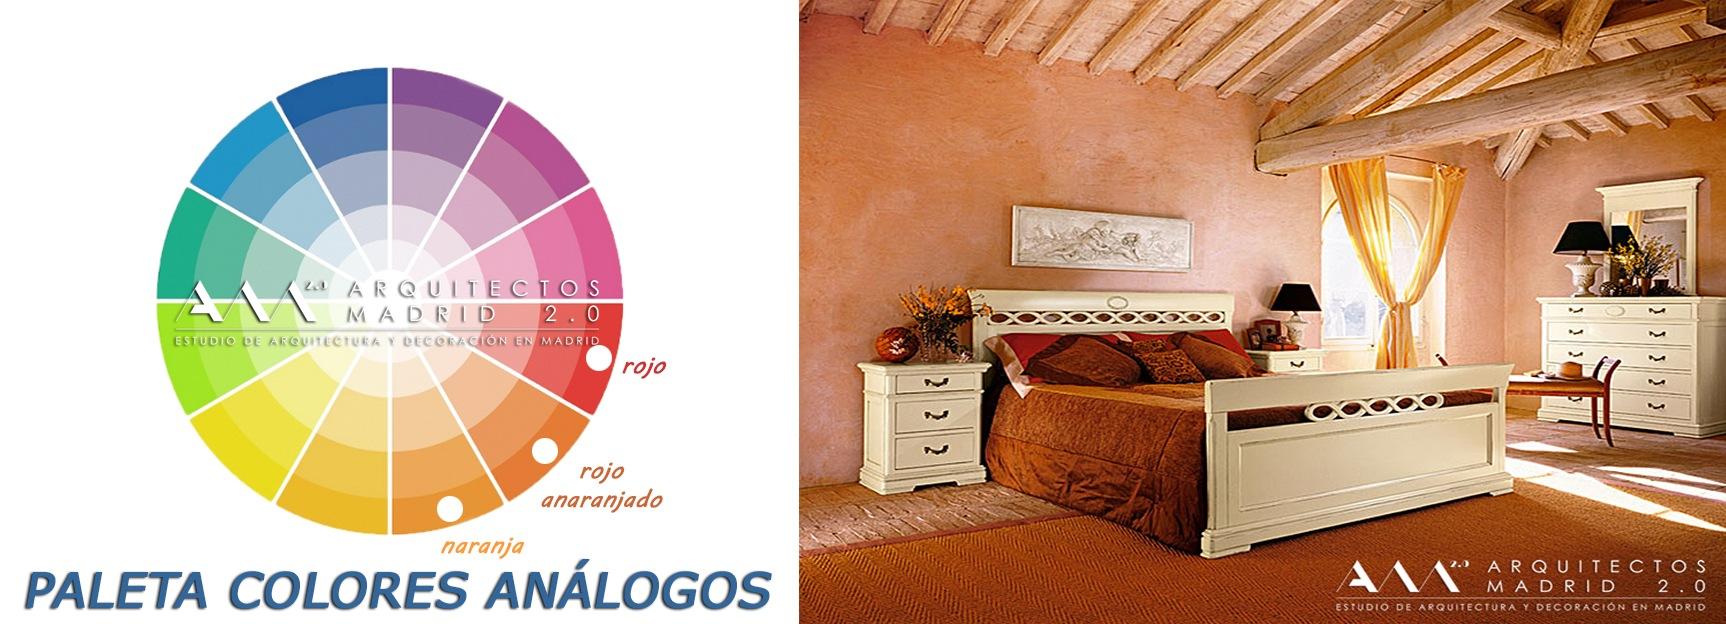 Qué color elegir para pintar o decorar mi casa | El color en decoración